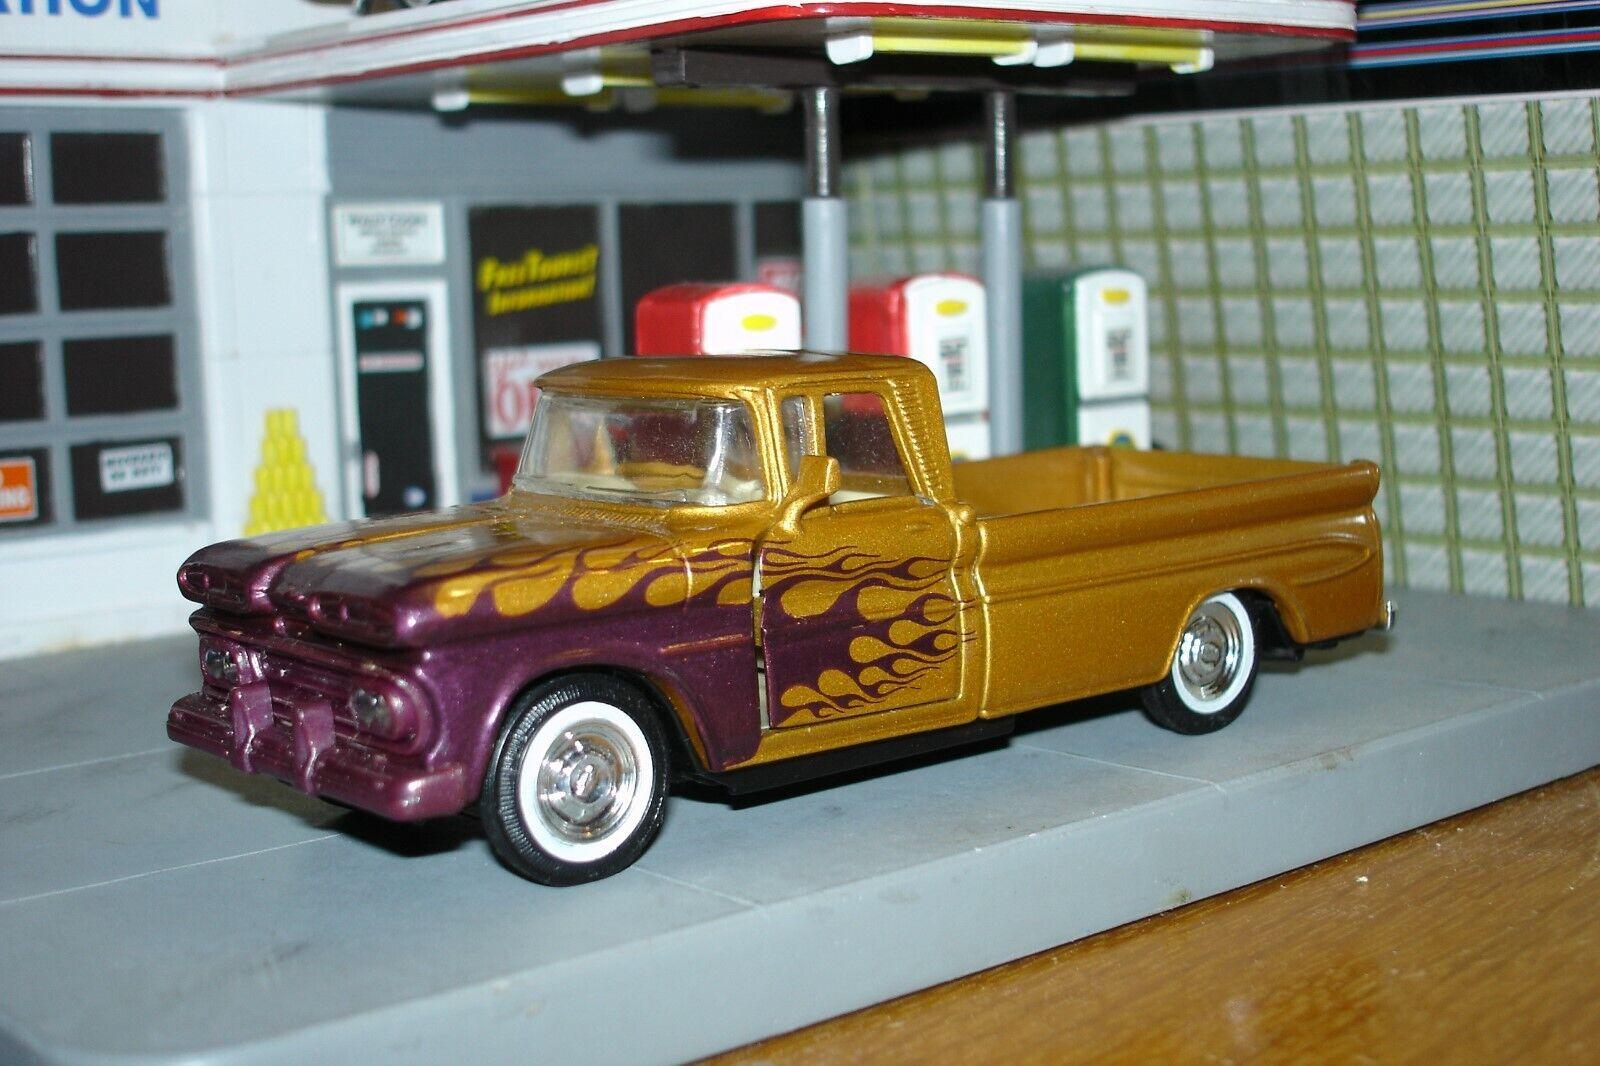 Hay más marcas de productos de alta calidad. 1961 Chevrolet Chevrolet Chevrolet Apache Camioneta, Hot Rod versión rara de oro, 1 43, o escala  70% de descuento